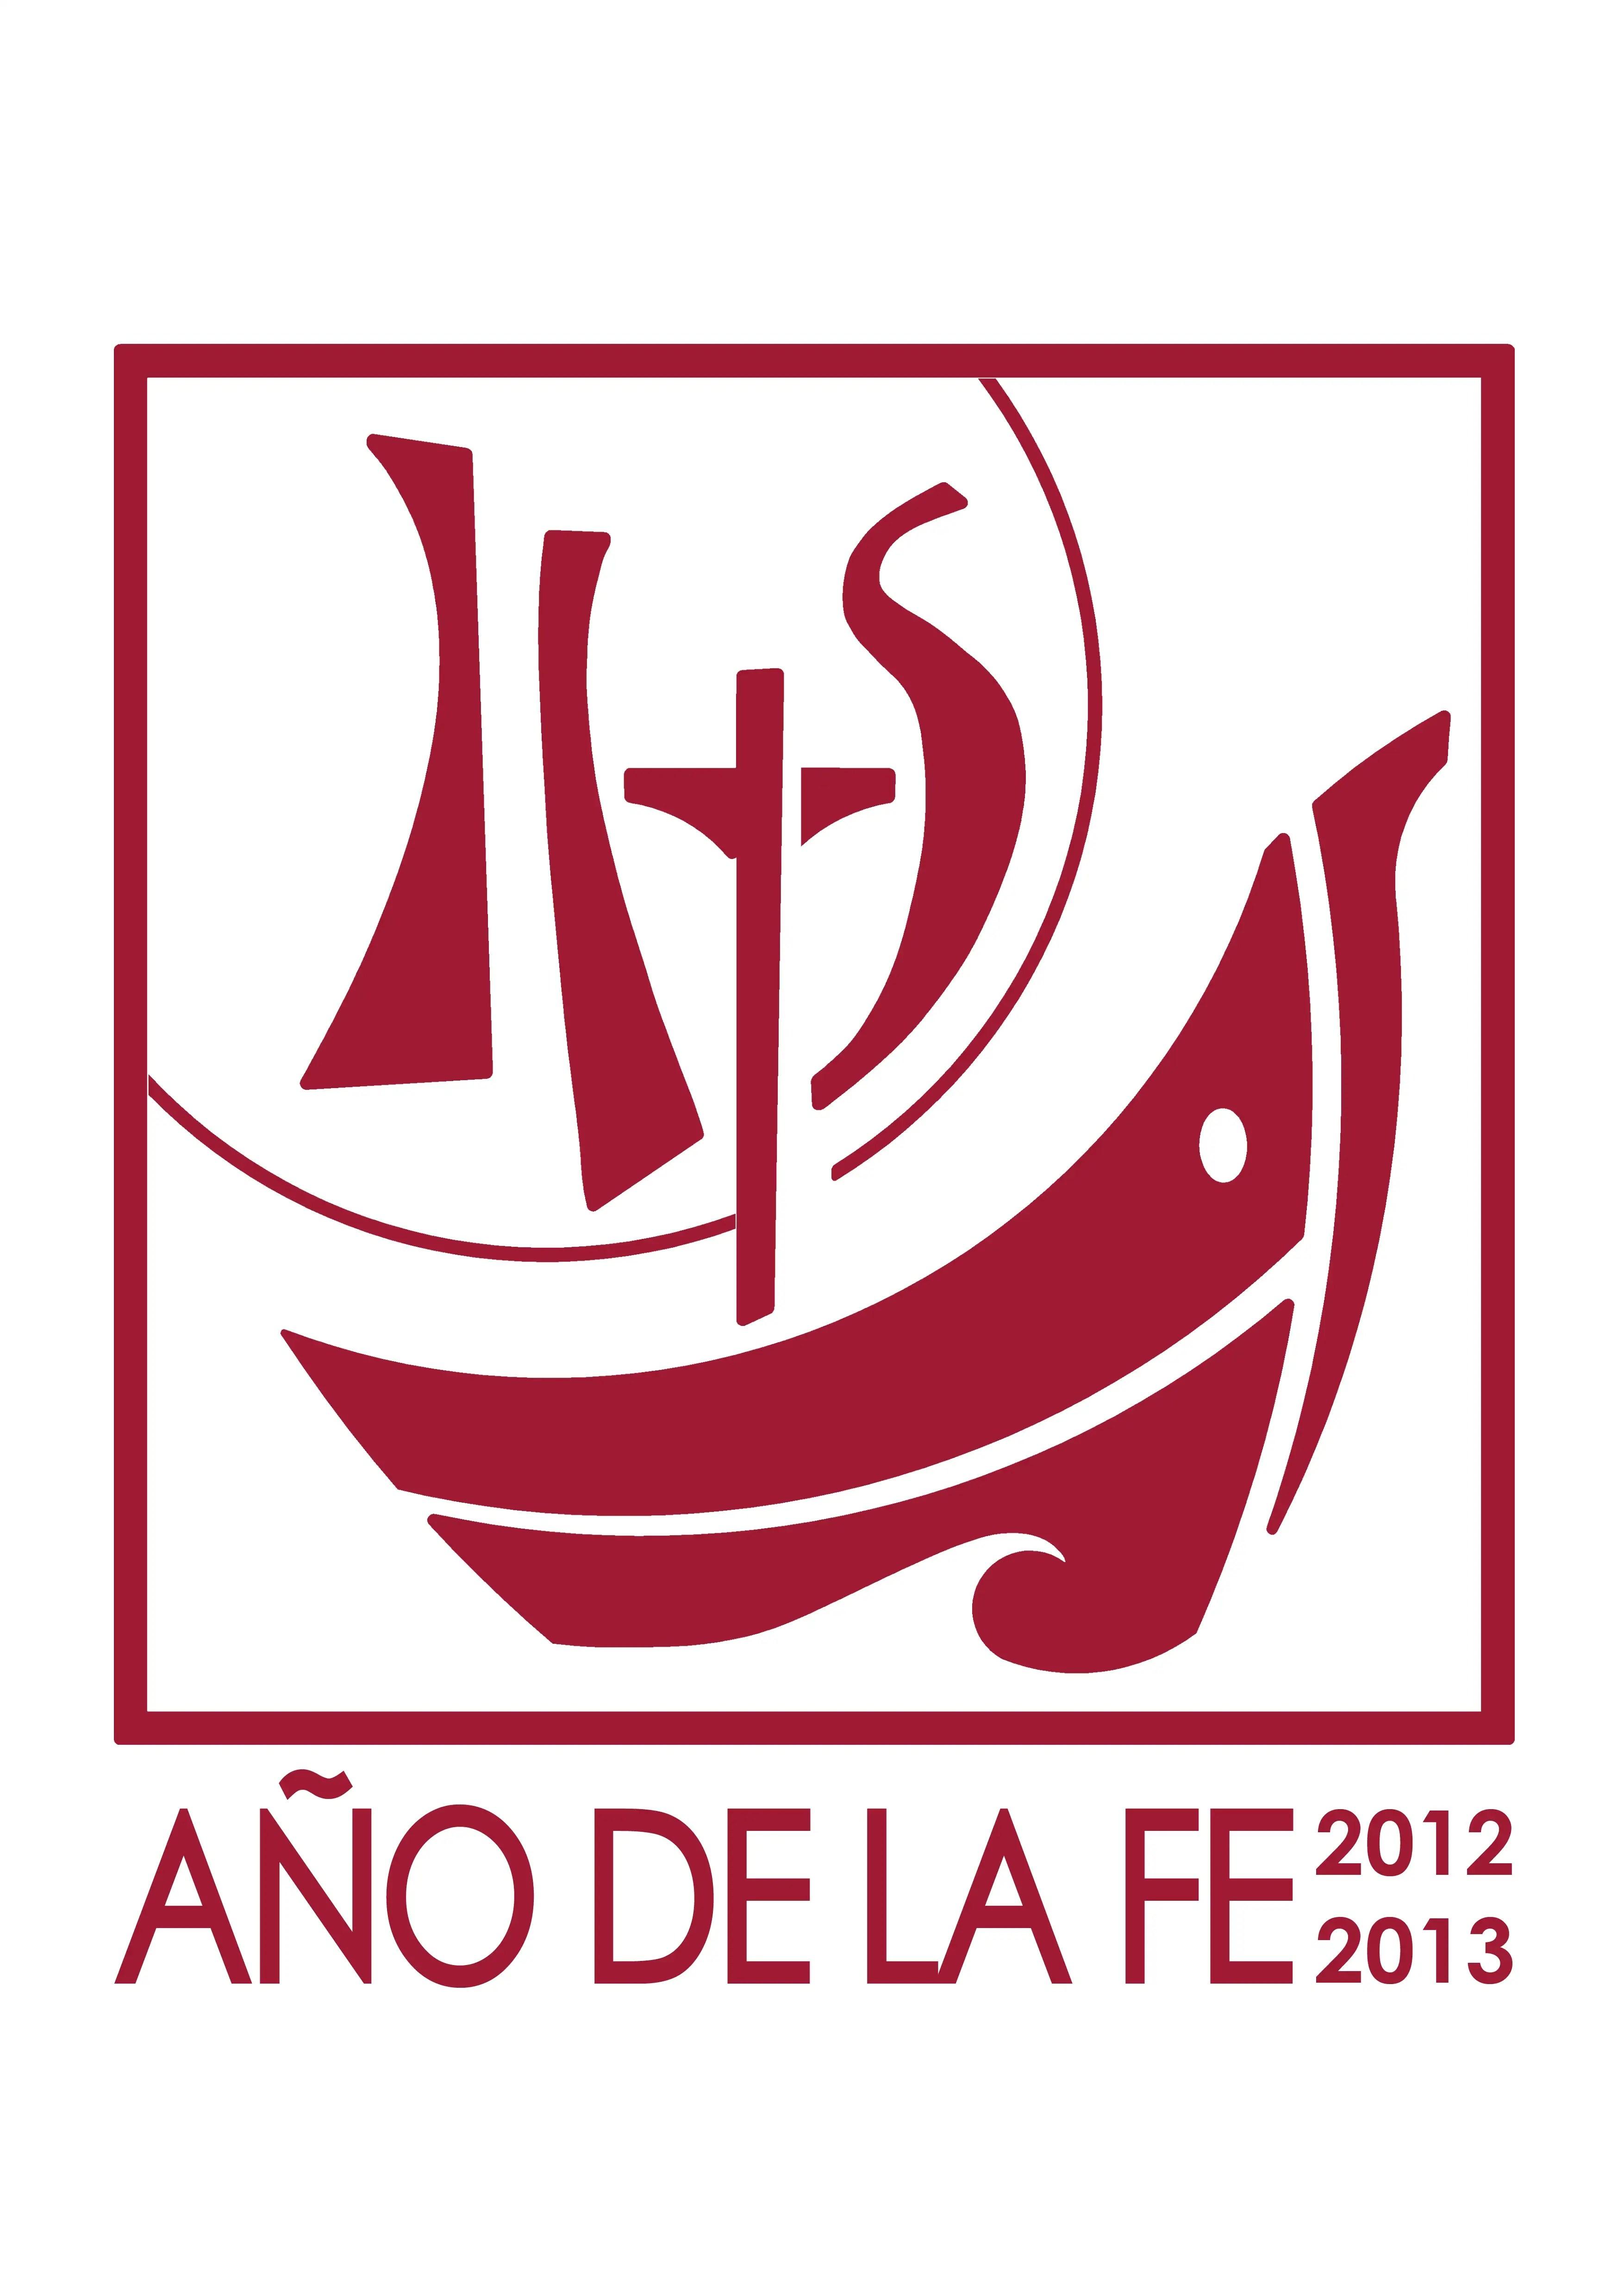 https://i2.wp.com/www.aciprensa.com/anodelafe/logoanodelafe.jpg